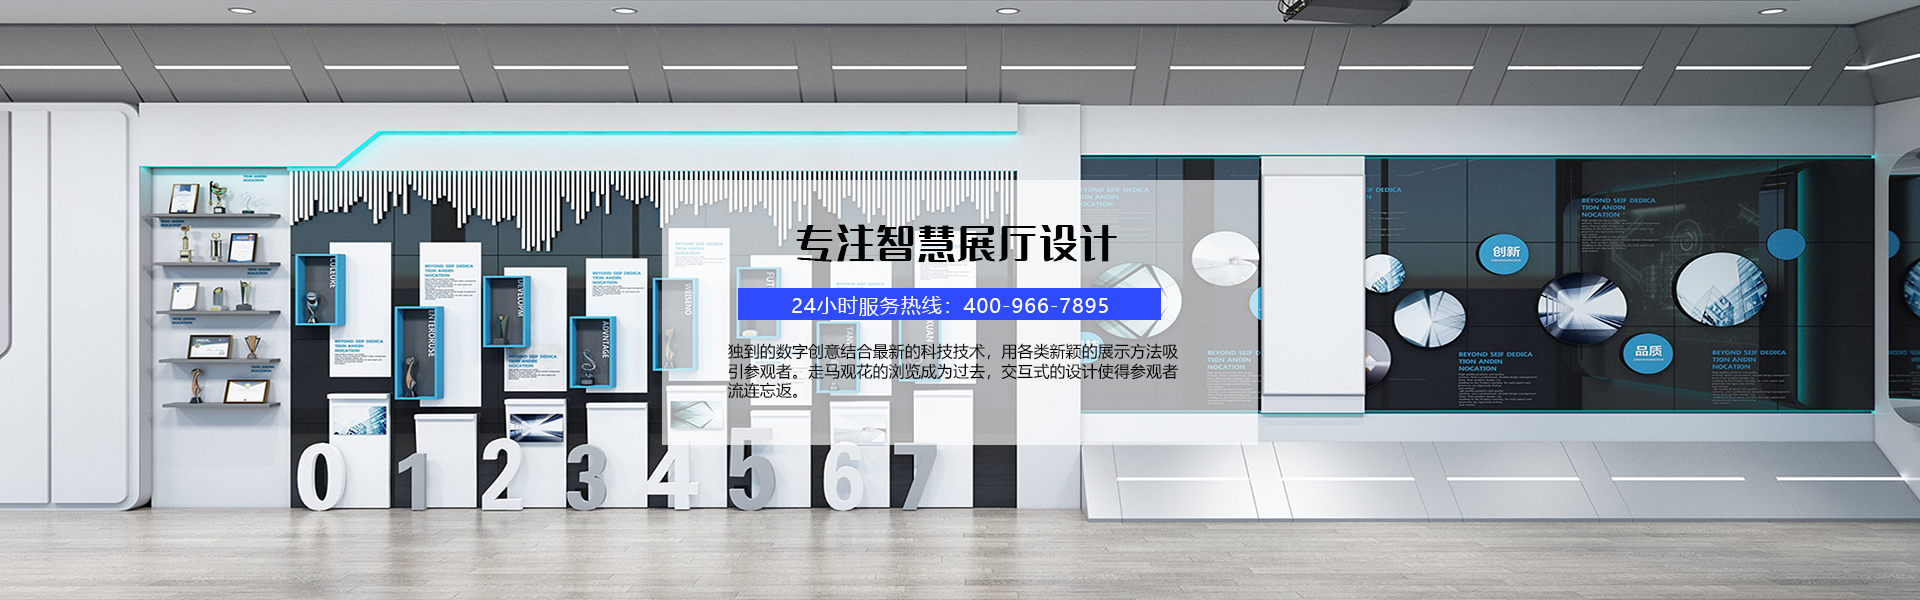 河南南秀建筑科技有限公司 网站